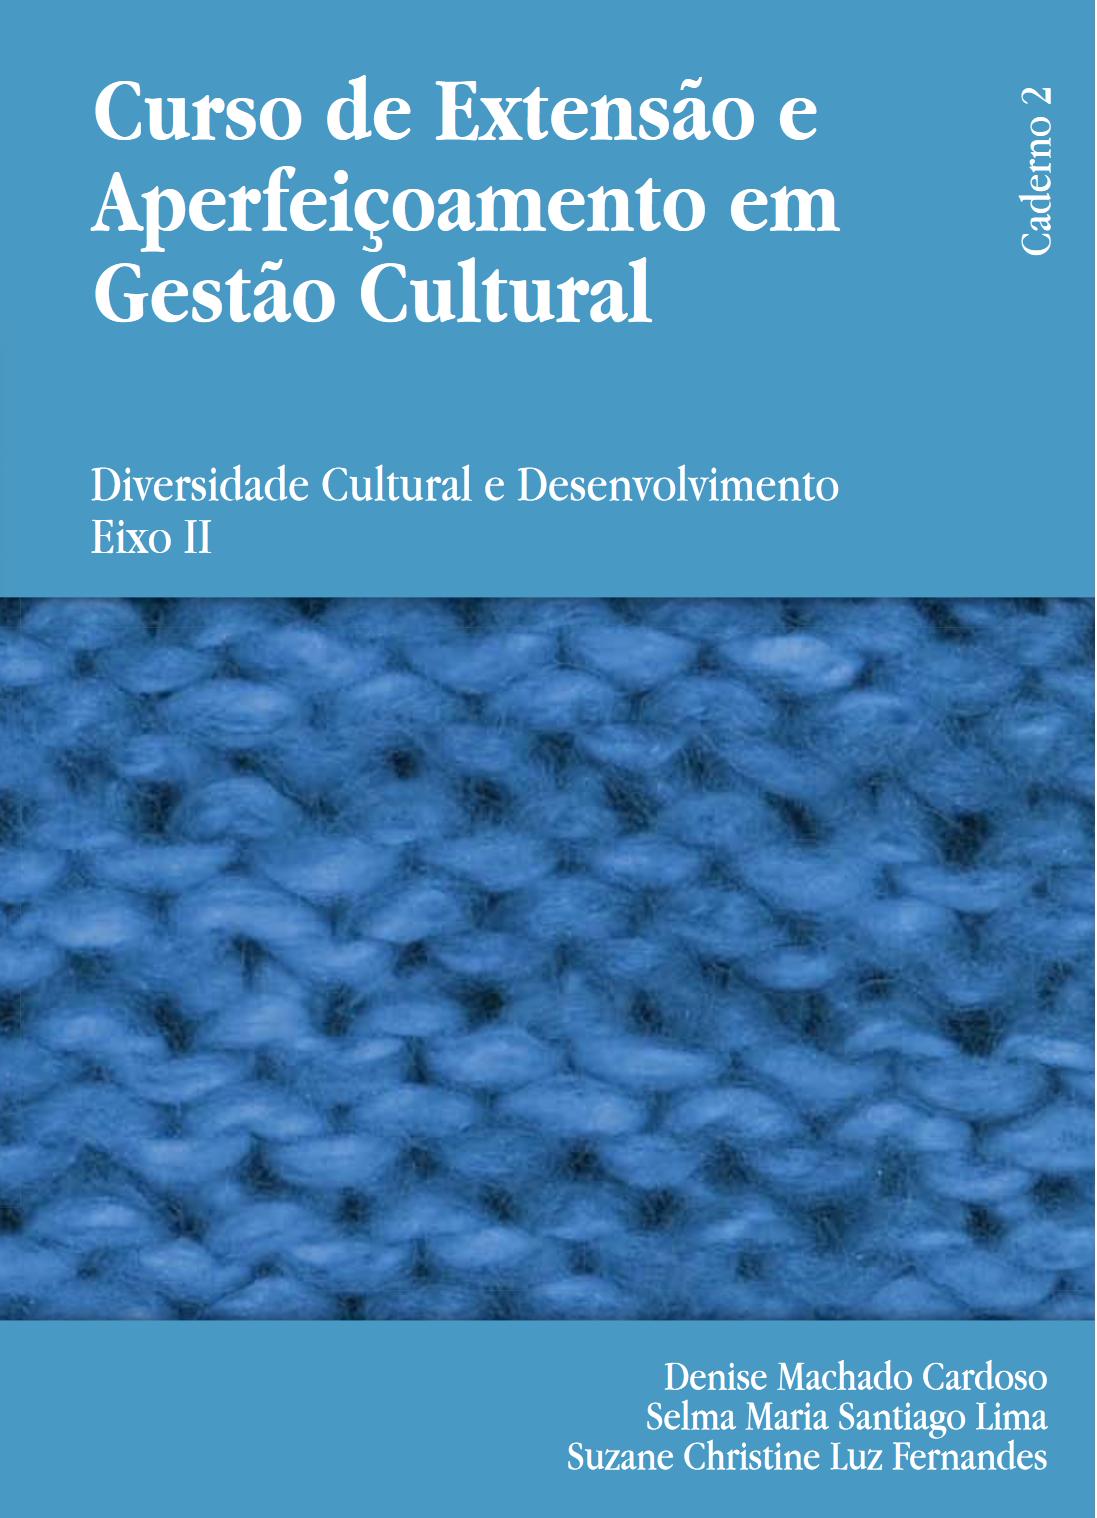 curso de extensão e aperfeiçoamento em gestão cultural Curso de Extensão e Aperfeiçoamento em Gestão Cultural Curso de Extensao e Aperfeicoamento em Gestao Cultural 1